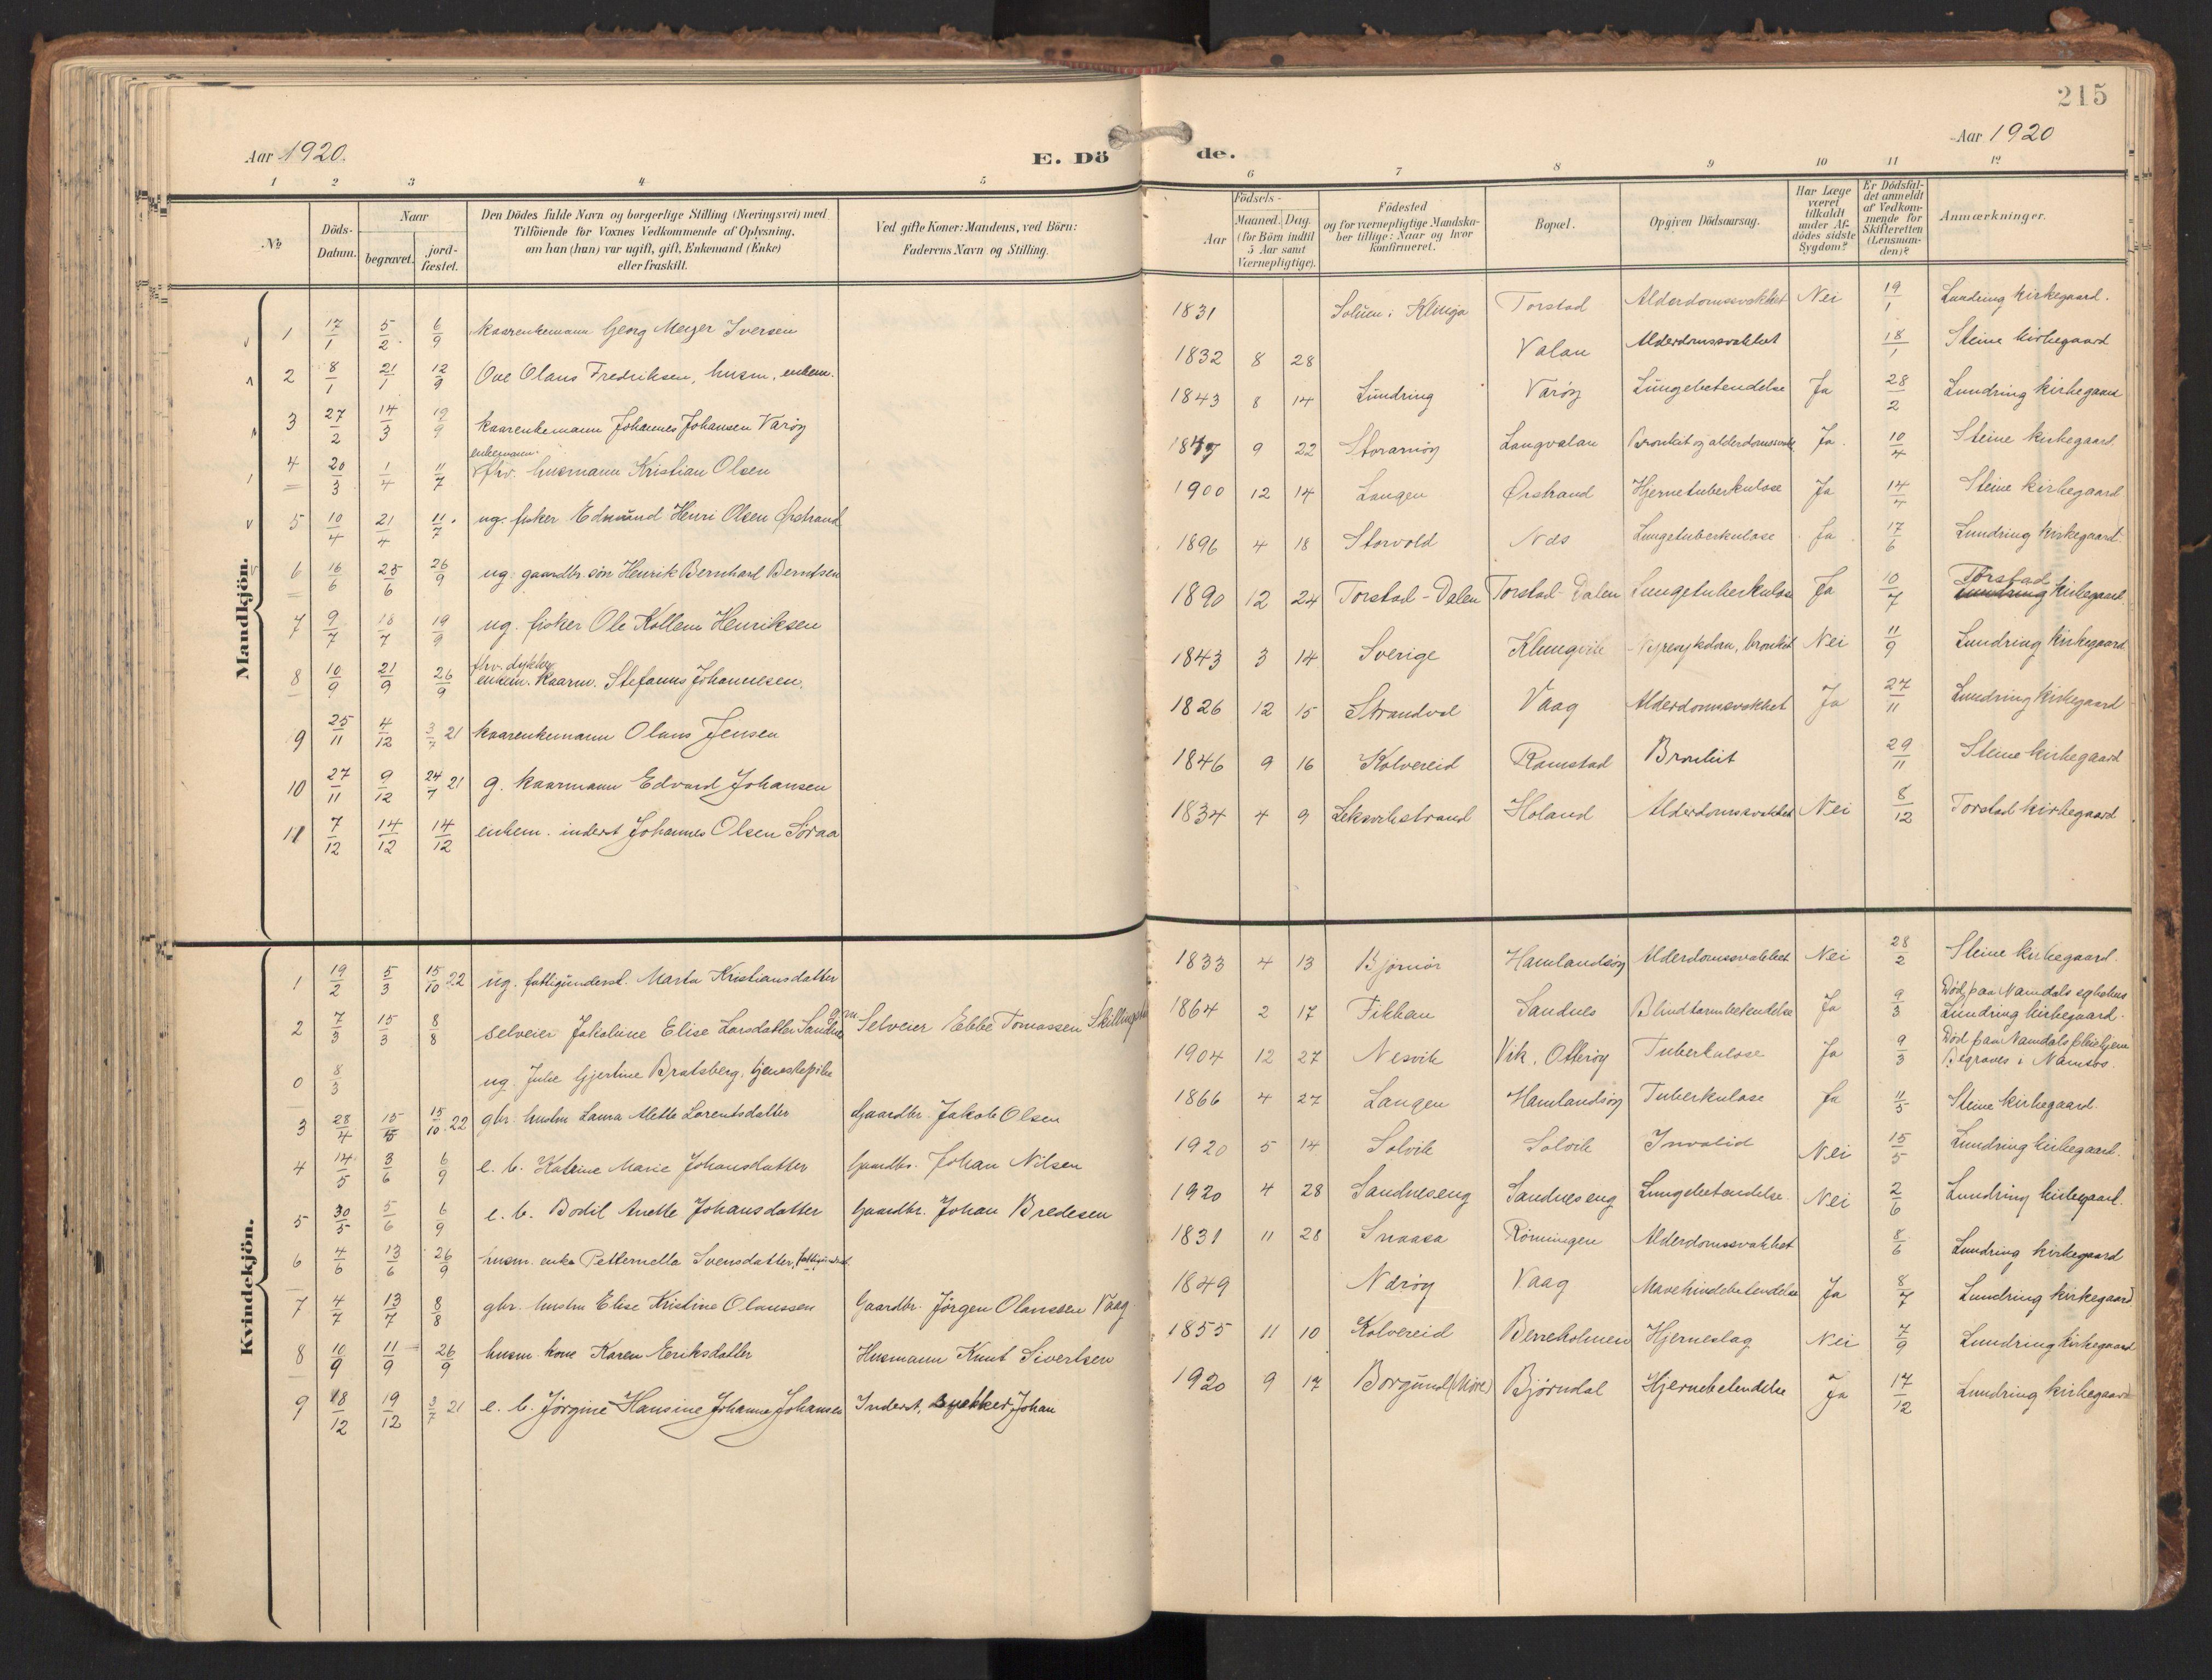 SAT, Ministerialprotokoller, klokkerbøker og fødselsregistre - Nord-Trøndelag, 784/L0677: Ministerialbok nr. 784A12, 1900-1920, s. 215